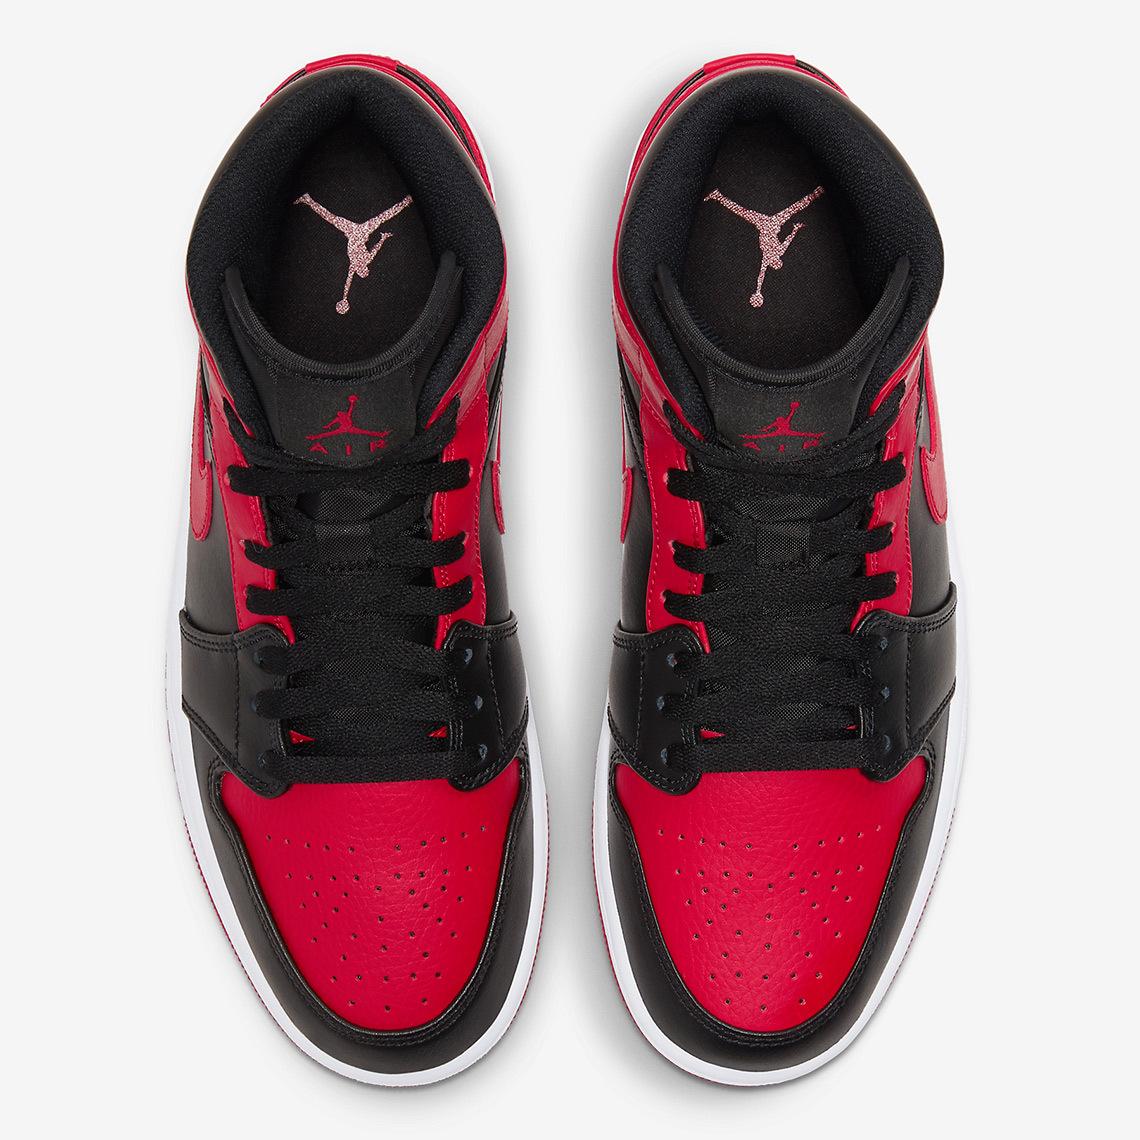 air-jordan-1-mid-black-red-554724-074-4